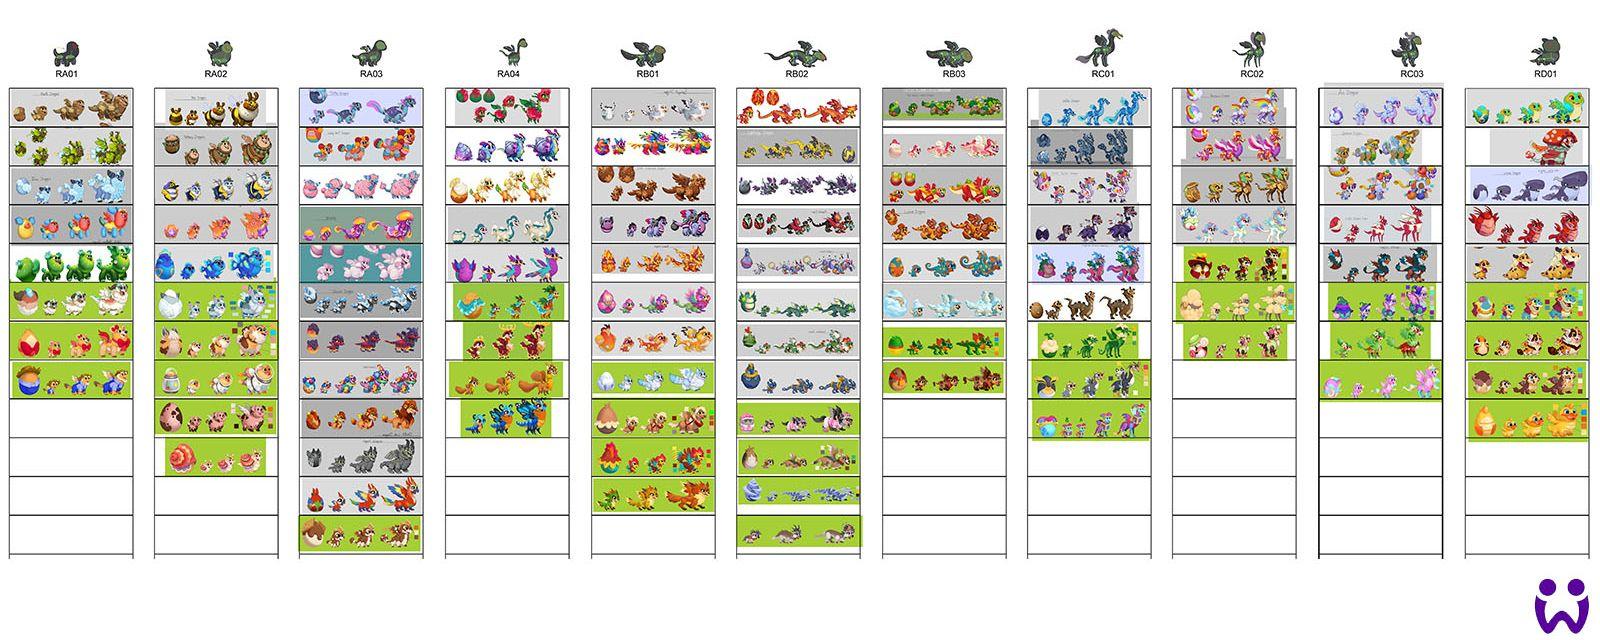 """11 von 25, Zwischenstandsübersicht der """"Wonderlings"""" die das Team konzipierte. Für das Mobilegame """"Wonderlings"""" von Wooga"""